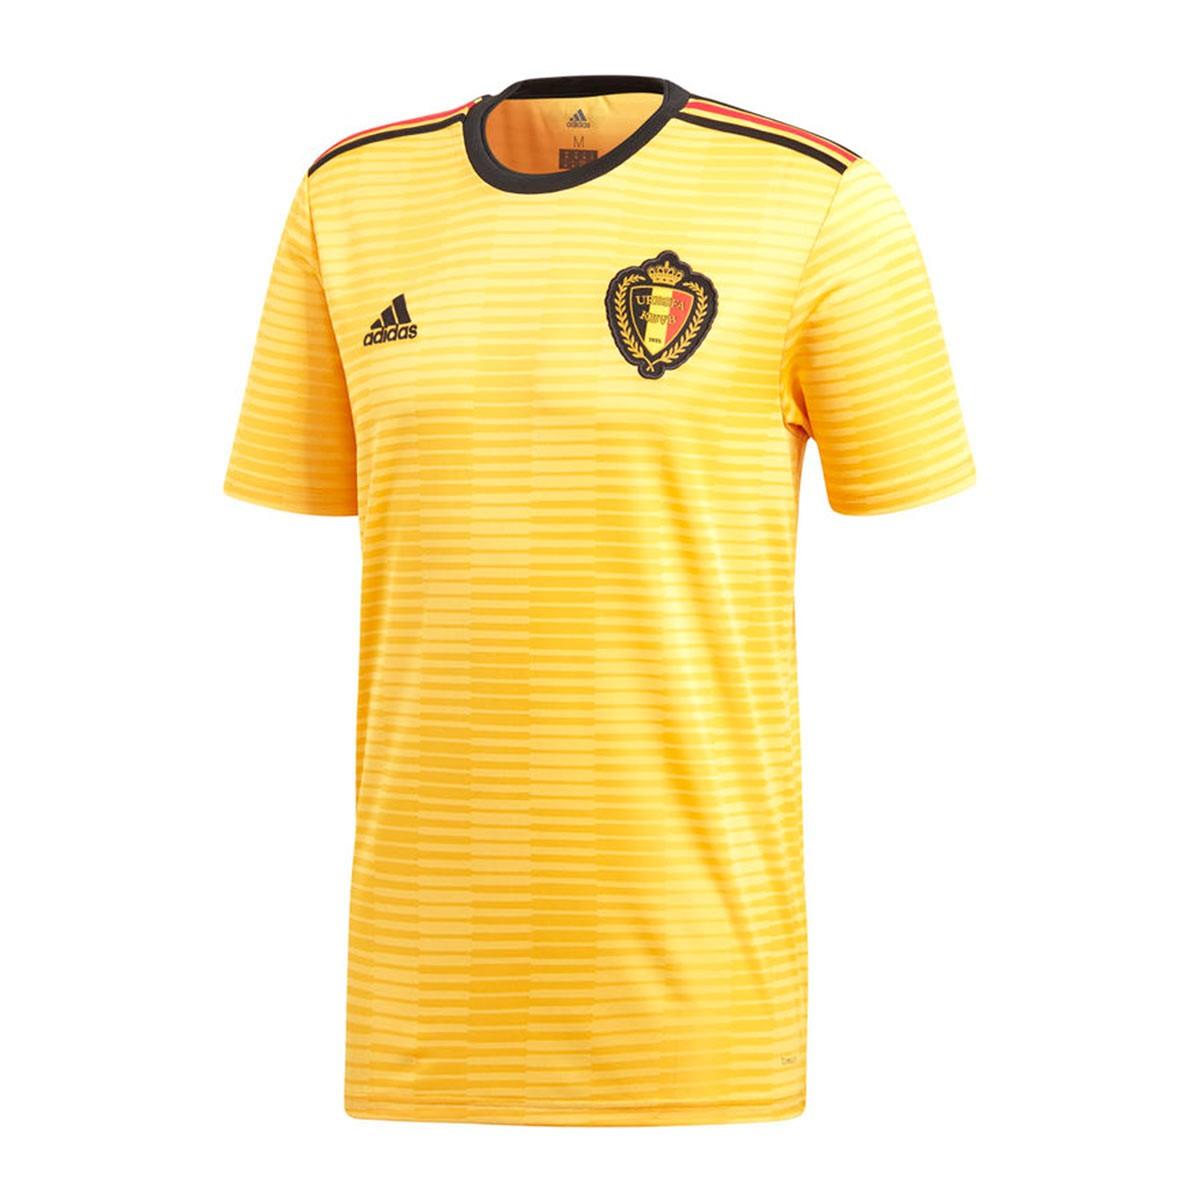 46aa4905 Camiseta adidas Bélgica Segunda Equipación 2017-2018 Niño Bold  gold-Black-Vivid red - Tienda de fútbol Fútbol Emotion